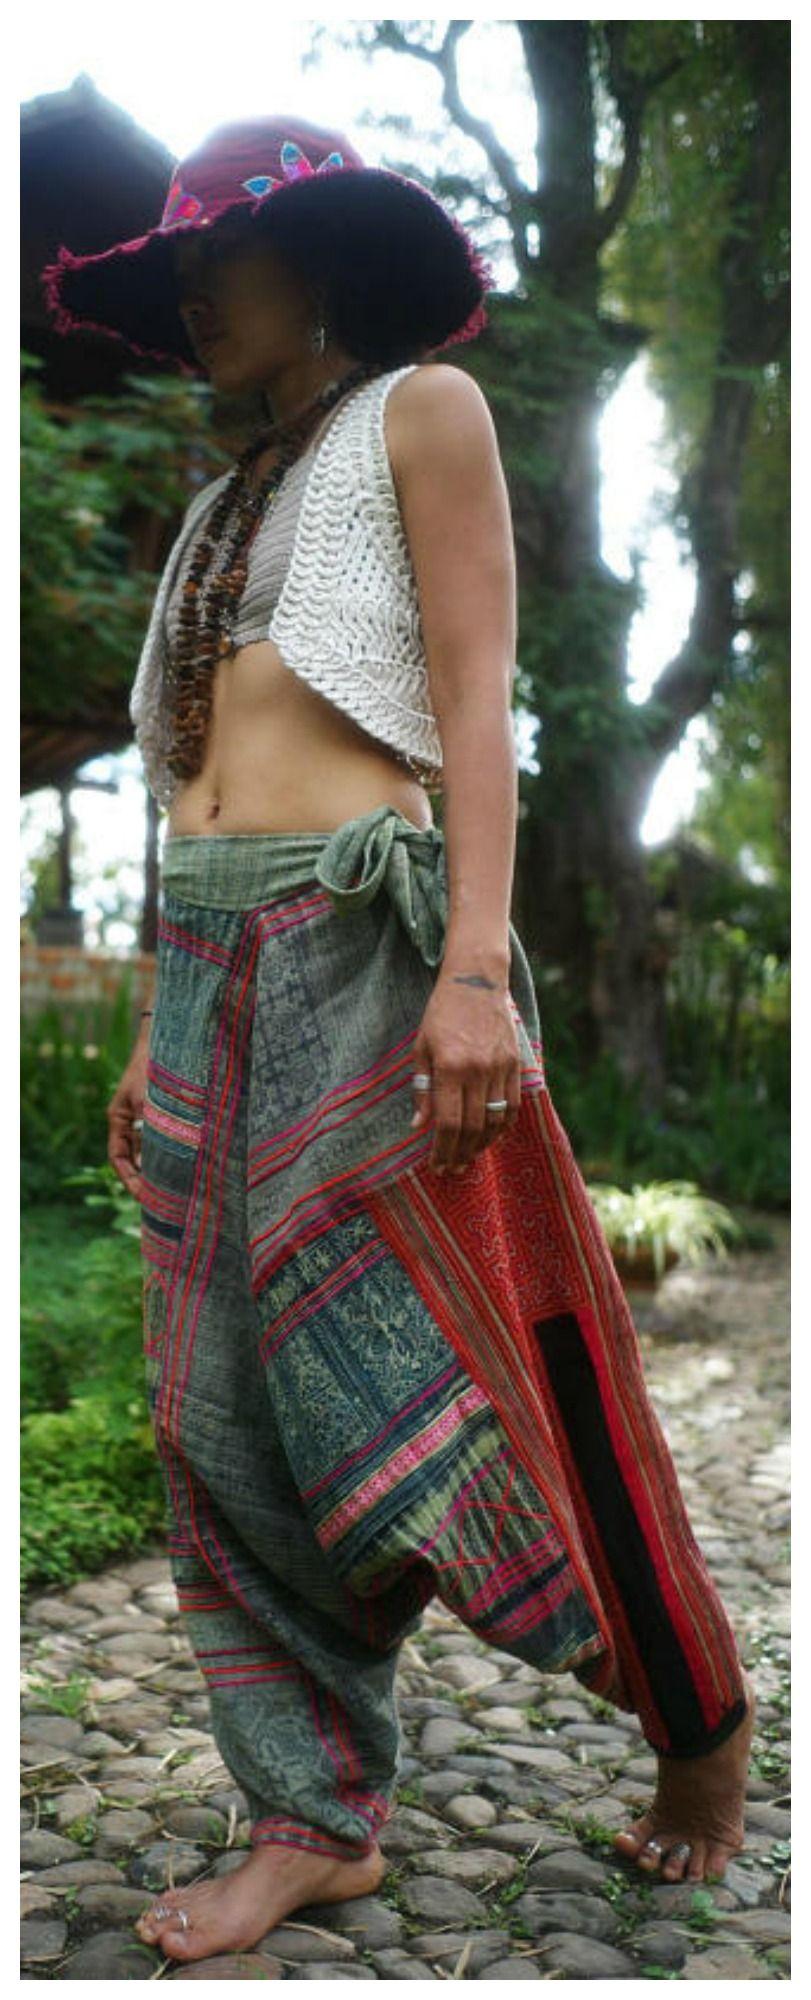 ffaeb9a06f Hmong harem pants, Etsy festival yoga pants, hippie festival pants, drop  crotch pants, hippie pants, mens ethnic hippies women harem pants festival  pants ...